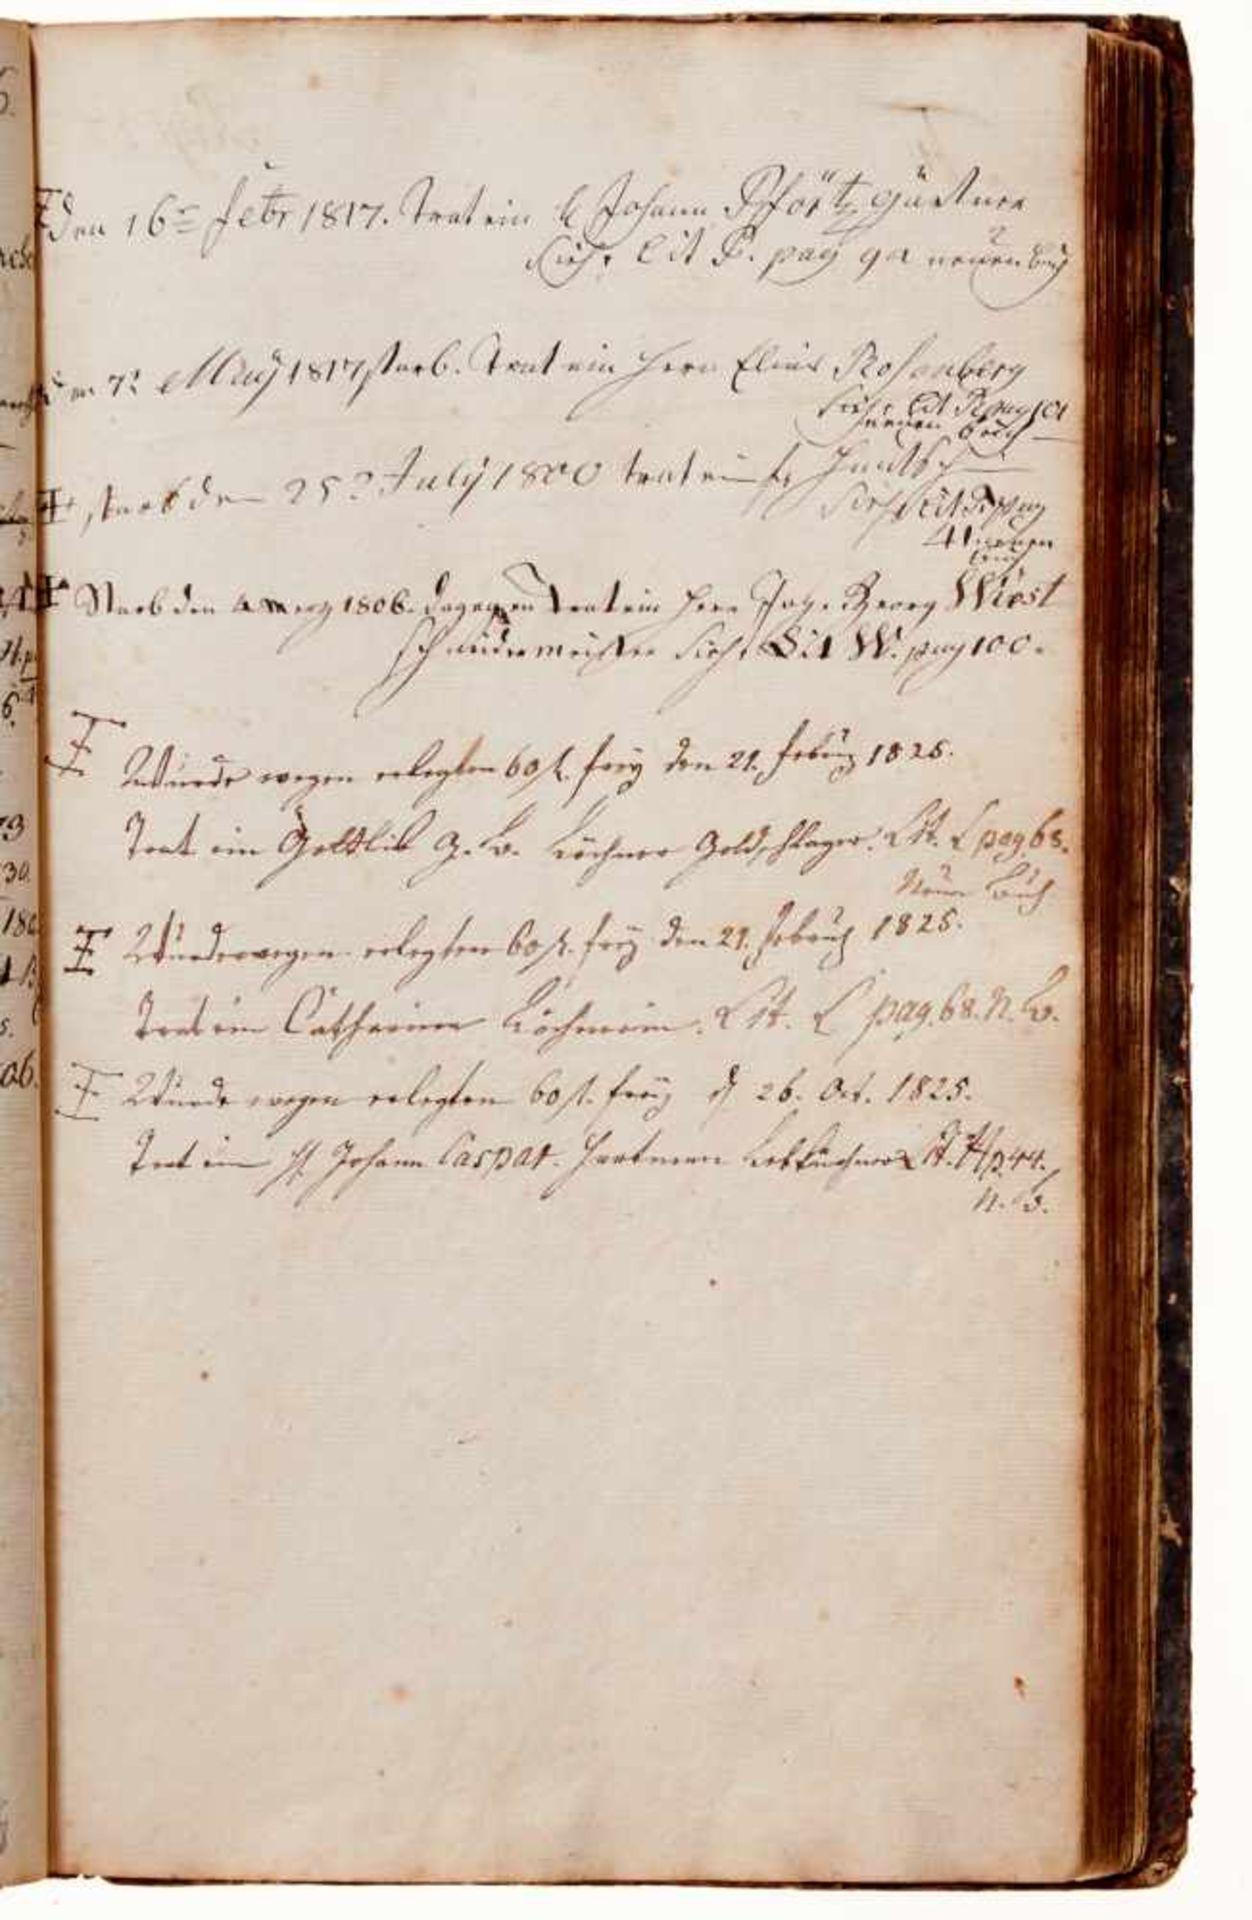 """Nürnberg- """"Leich-Cassa-Buch."""" Deutsche Handschrift auf Papier.Nürnberg, dat. 1784-1811, mit - Bild 4 aus 4"""